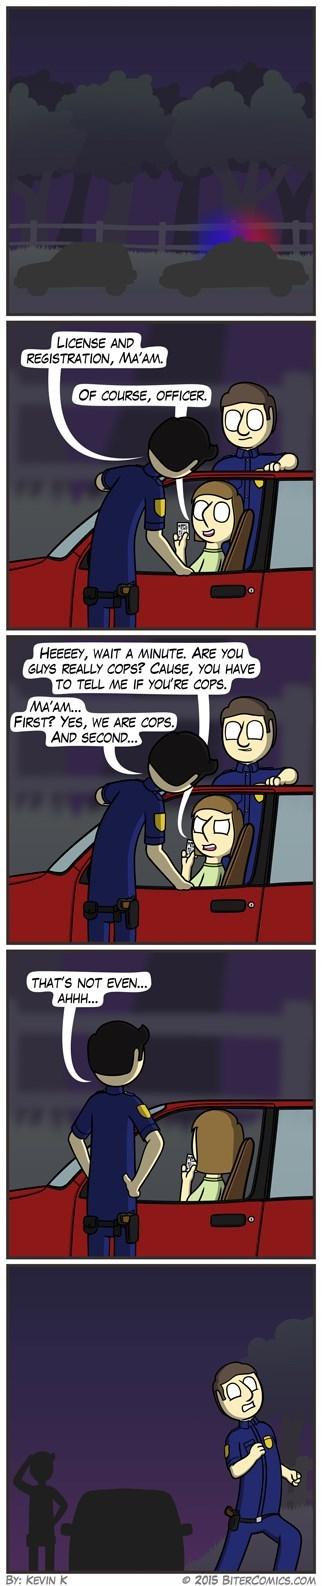 cops,wtf,web comics